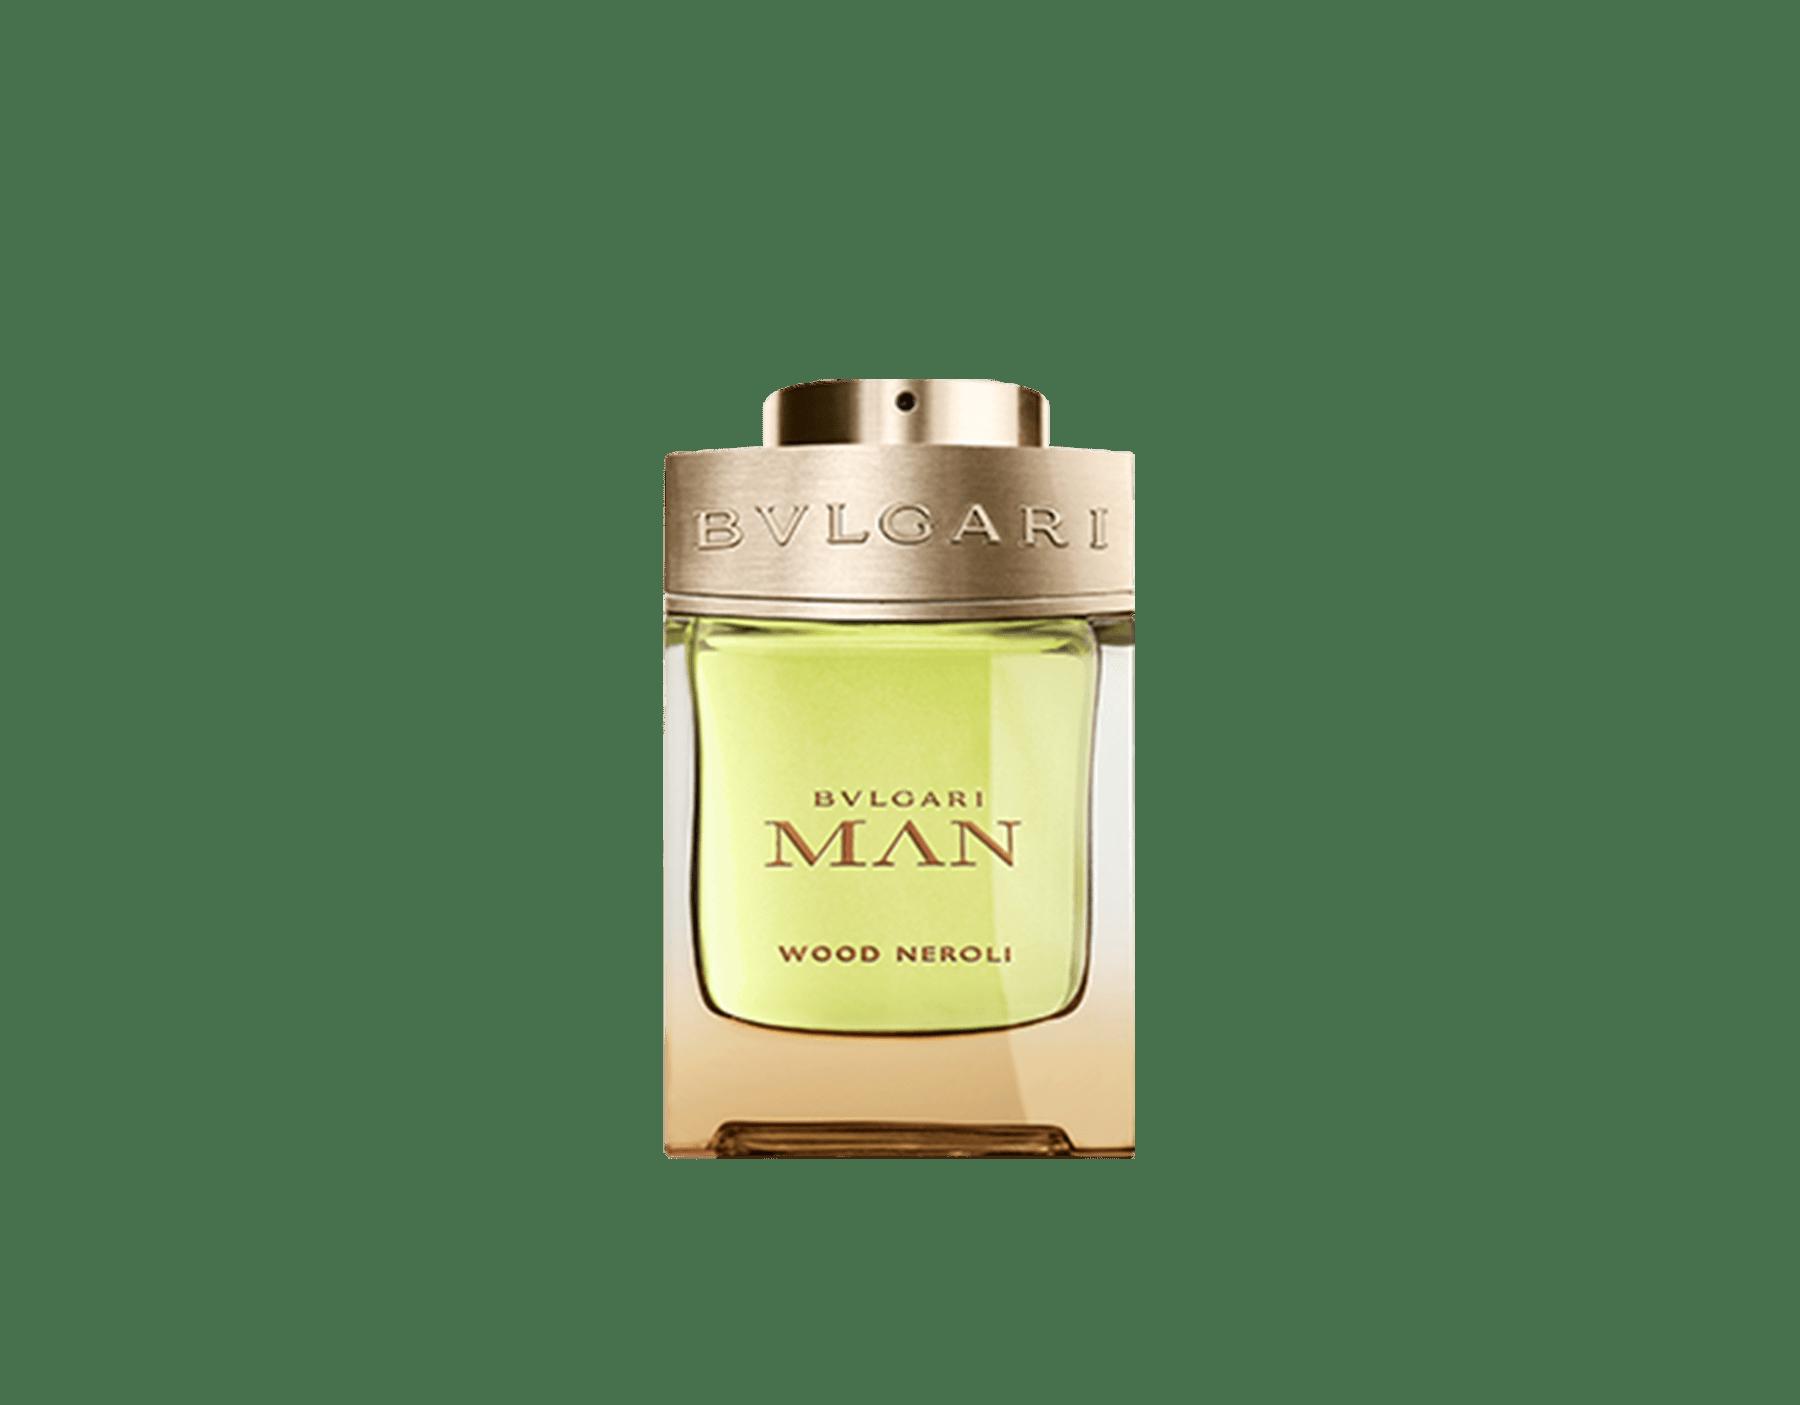 Une Eau de Parfum vivifiante, infusée d'agrumes frais. Un parfum boisé et solaire incarnant le lien puissant entre la Terre et la lumière 40390 image 1